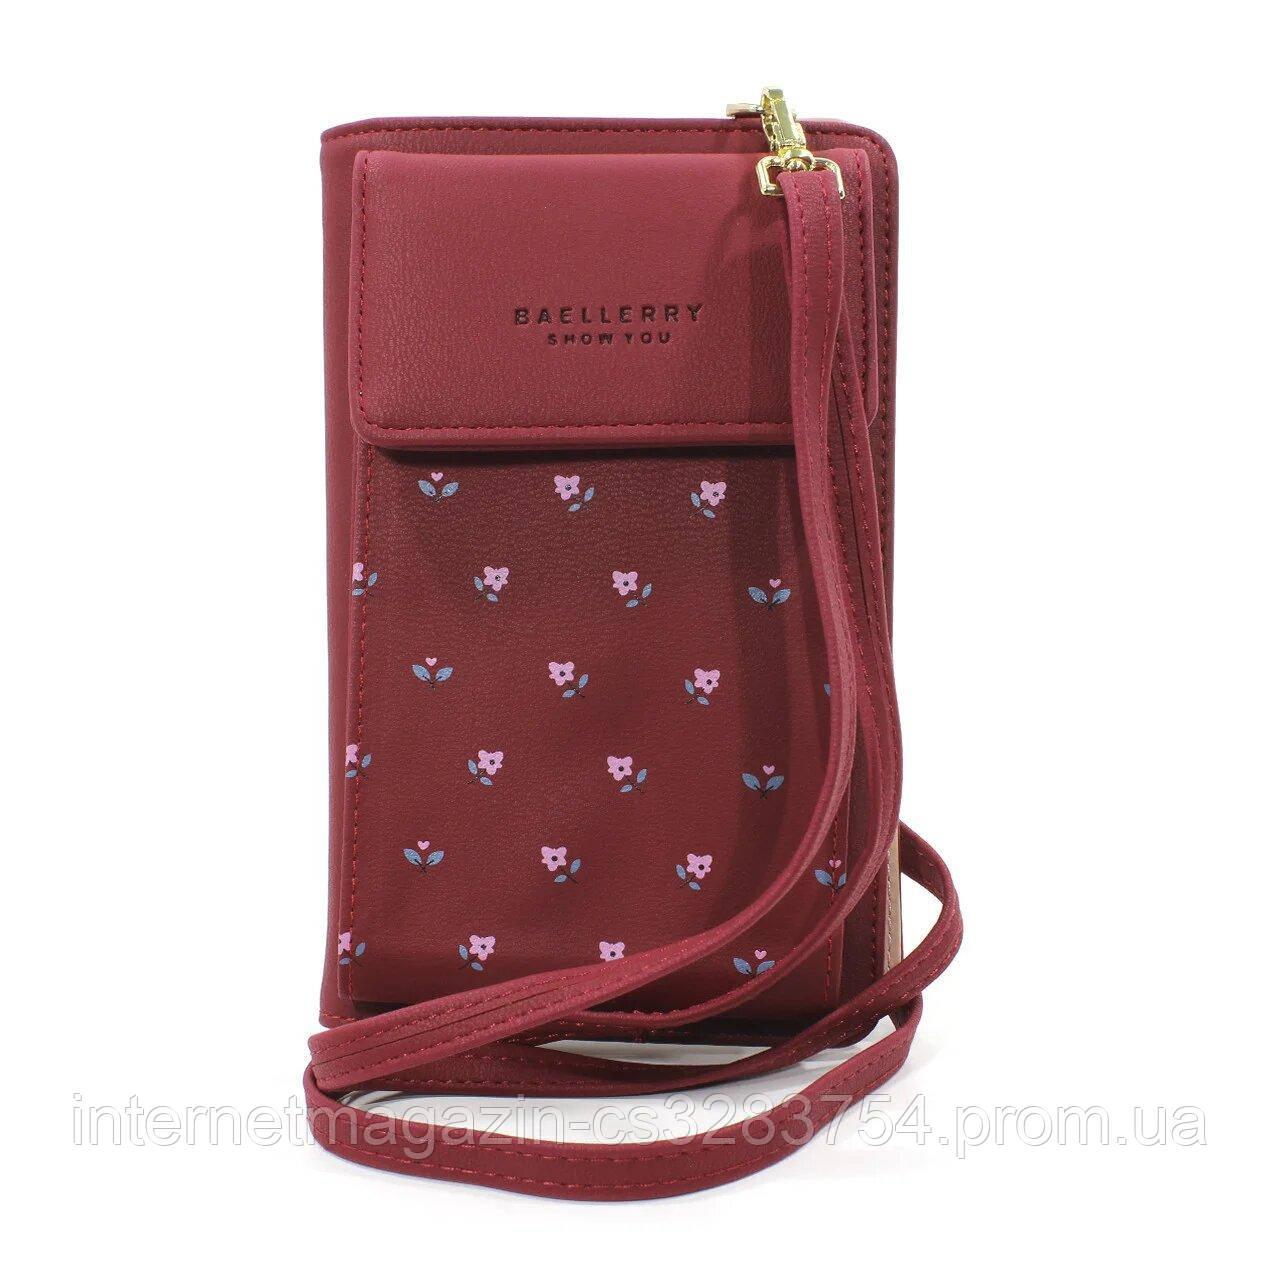 Женская кошелек-сумочка Baellerry N0103 Красный (4193-11930)